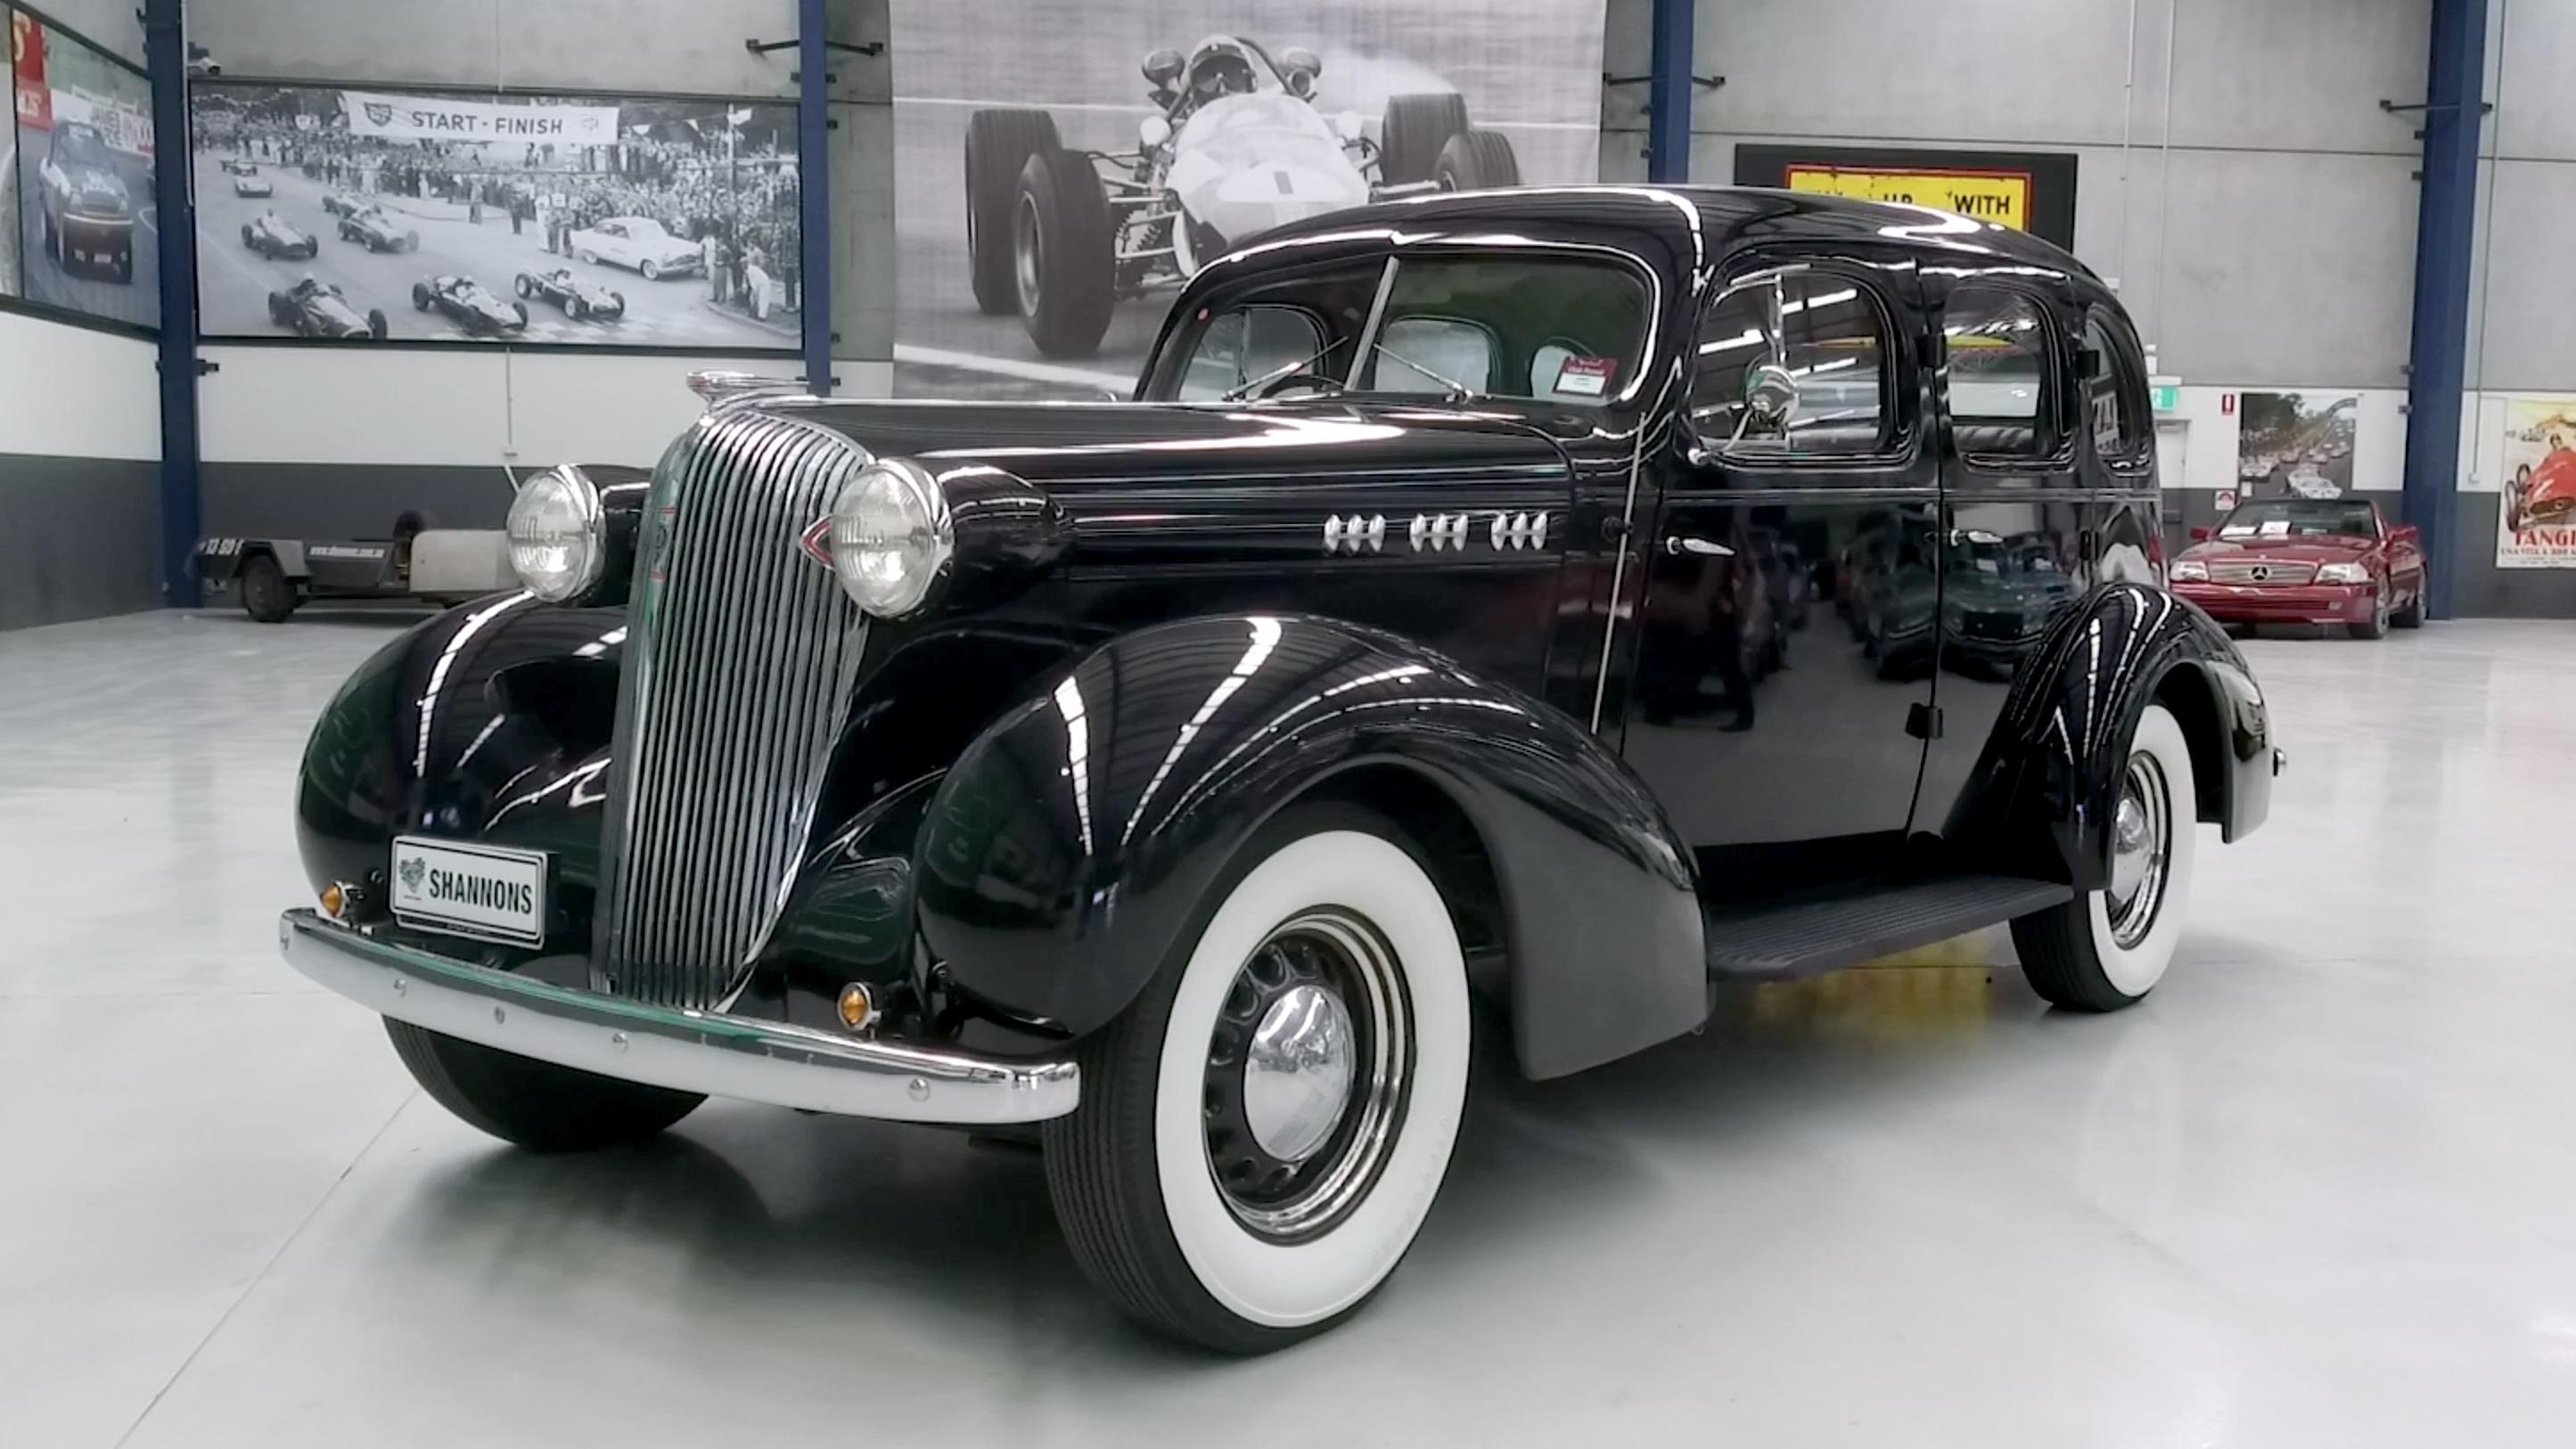 1936 Oldsmobile 6 Sedan - 2021 Shannons Summer Timed Online Auction